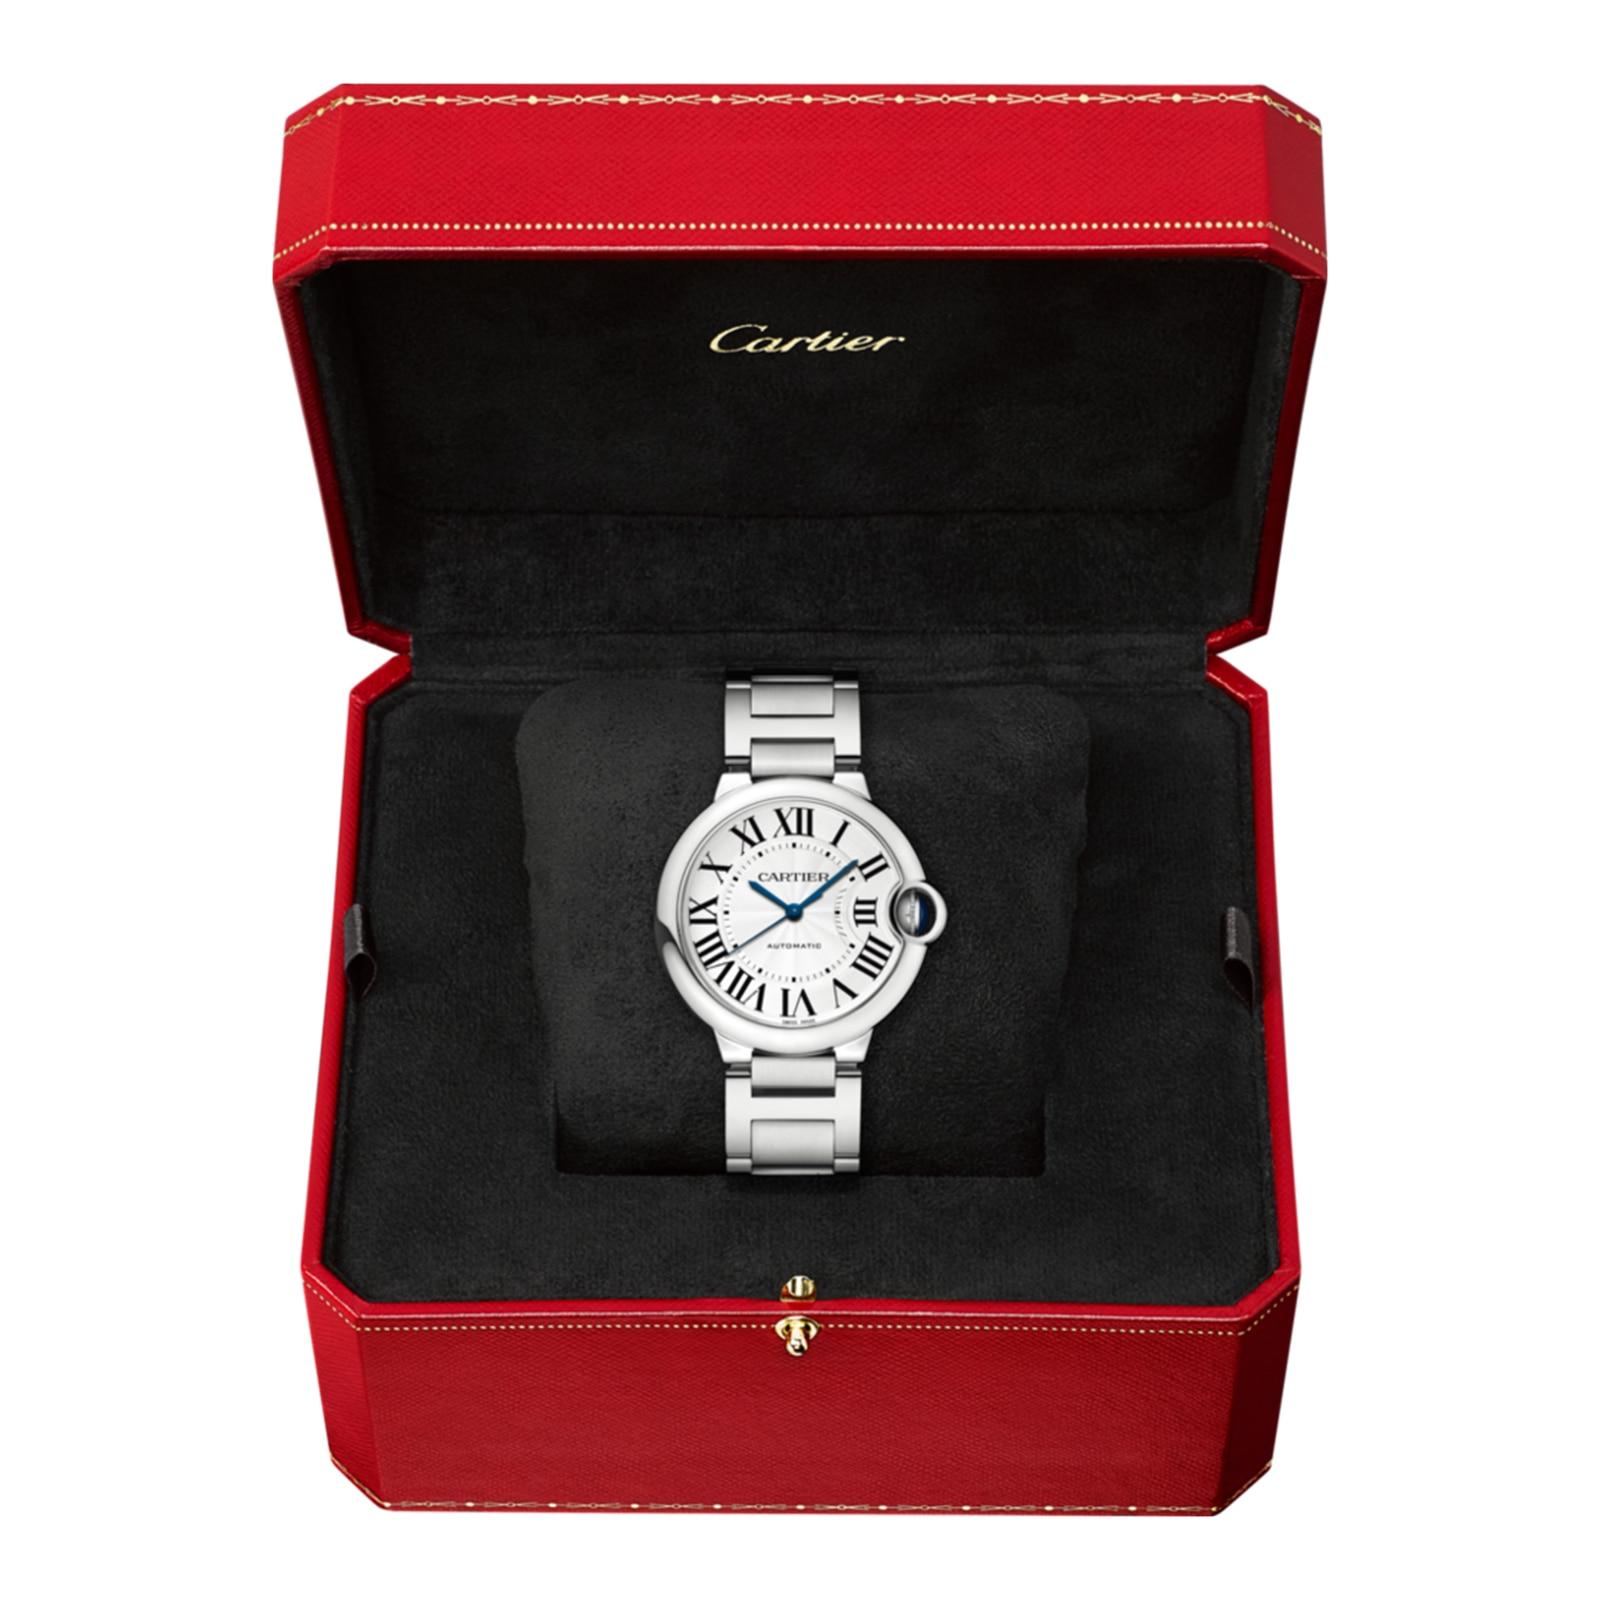 Cartier Ballon Bleu de Cartier watch 36 mm, steel